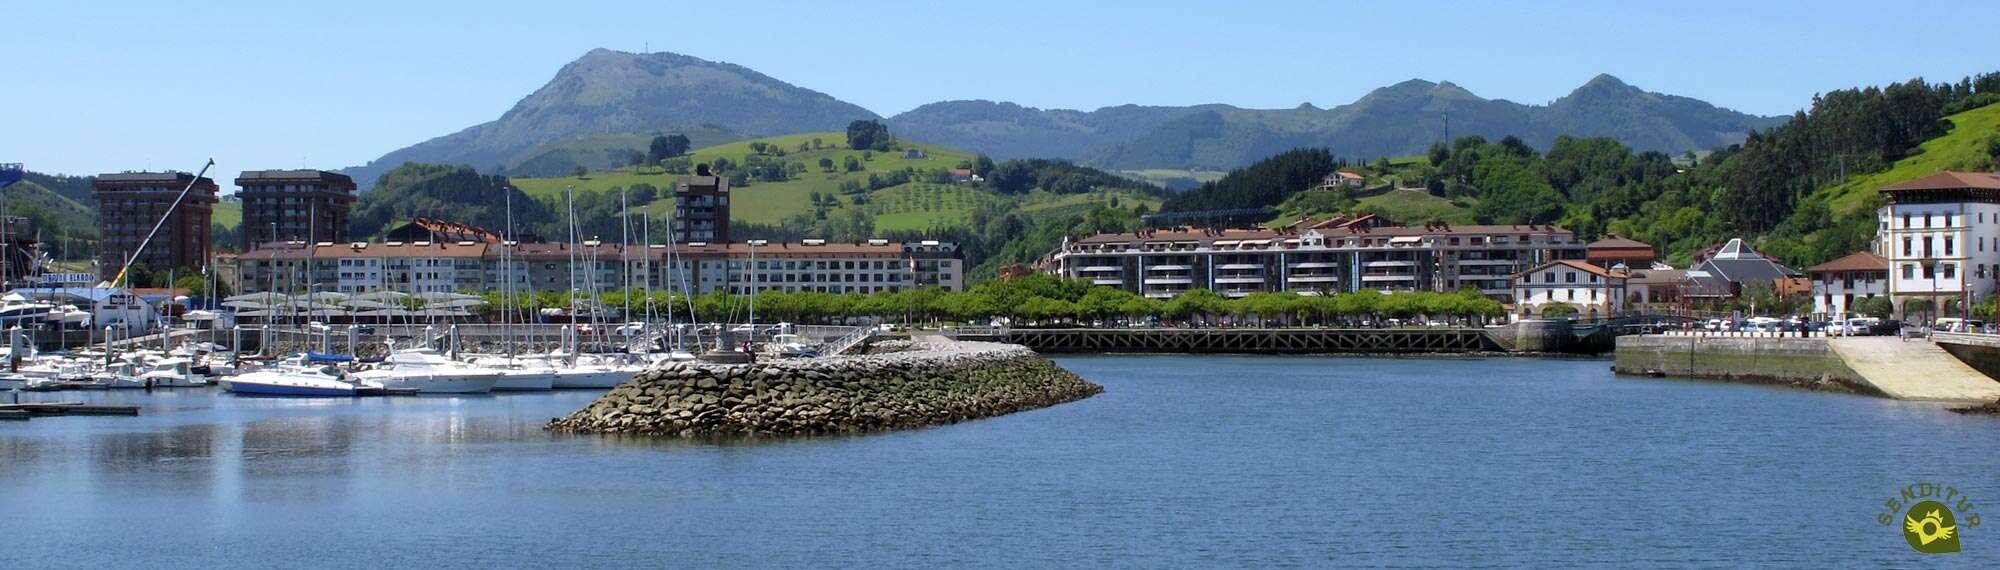 Conoce la zona zarauzko triatloia elkartea for Oficina turismo zumaia